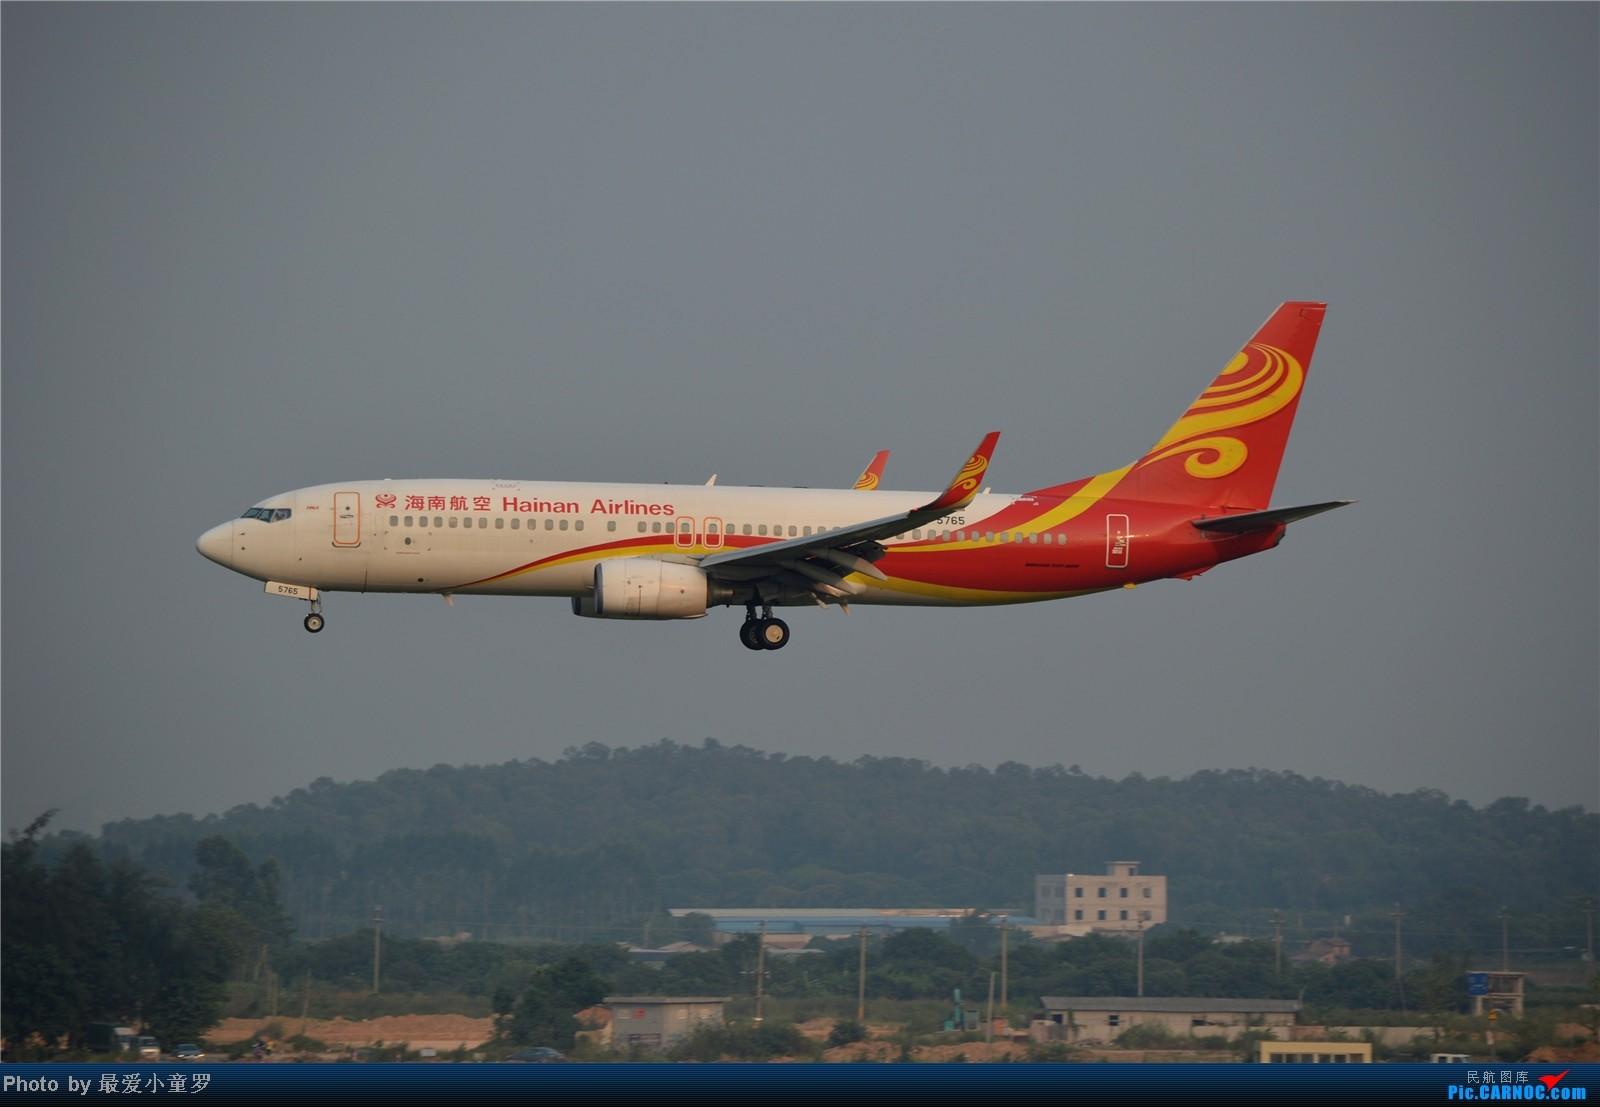 Re:[原创]炒冷饭系列2013年10月4日CAN拍机,带消防塔角度 BOEING 737-800 B-5765 中国广州白云机场